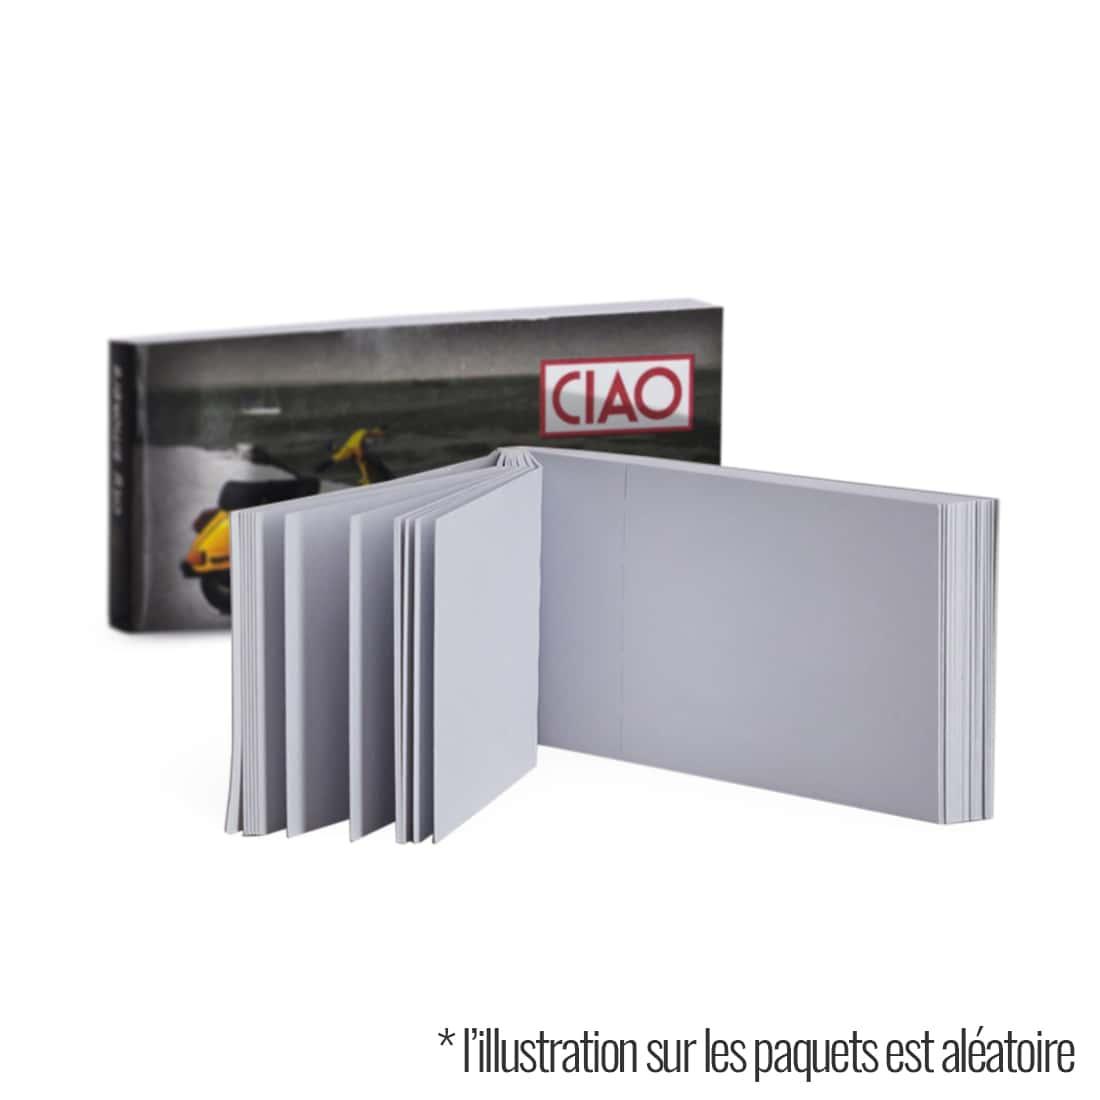 Photo #1 de photo-Filtre carton Ciao x 80